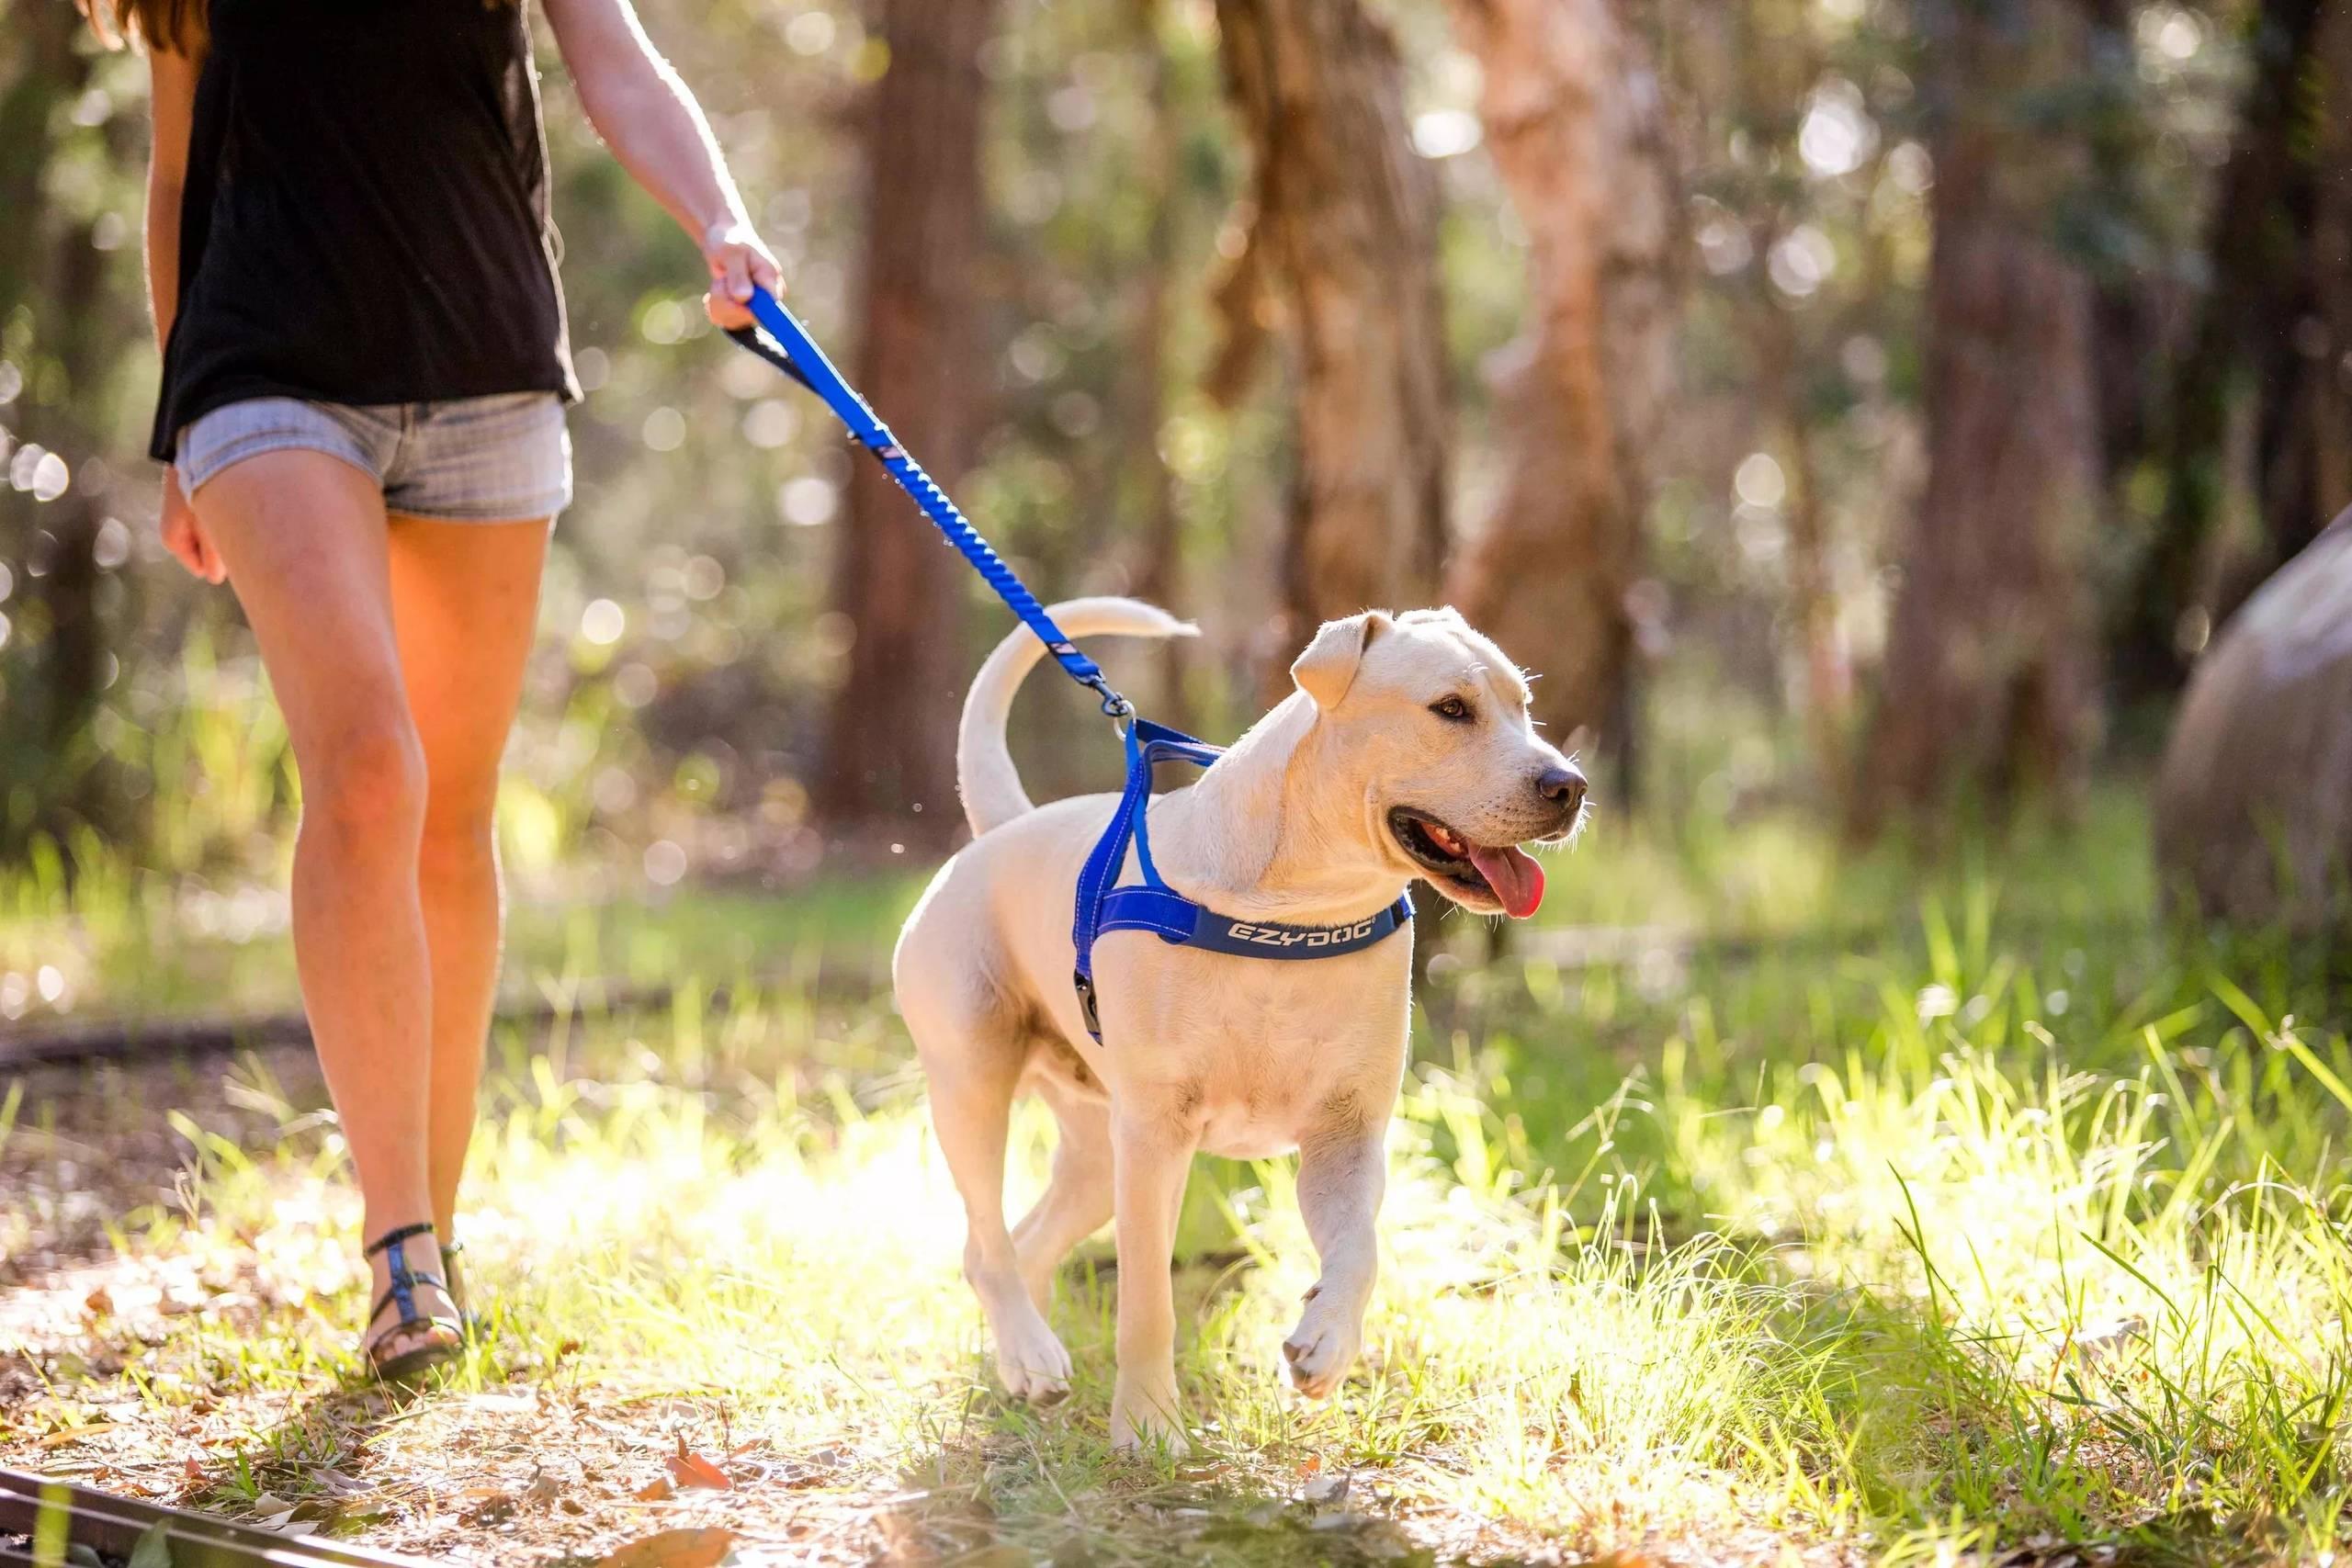 Собака сильно тянет поводок, видео как отучить щенка тянуть поводок на прогулке